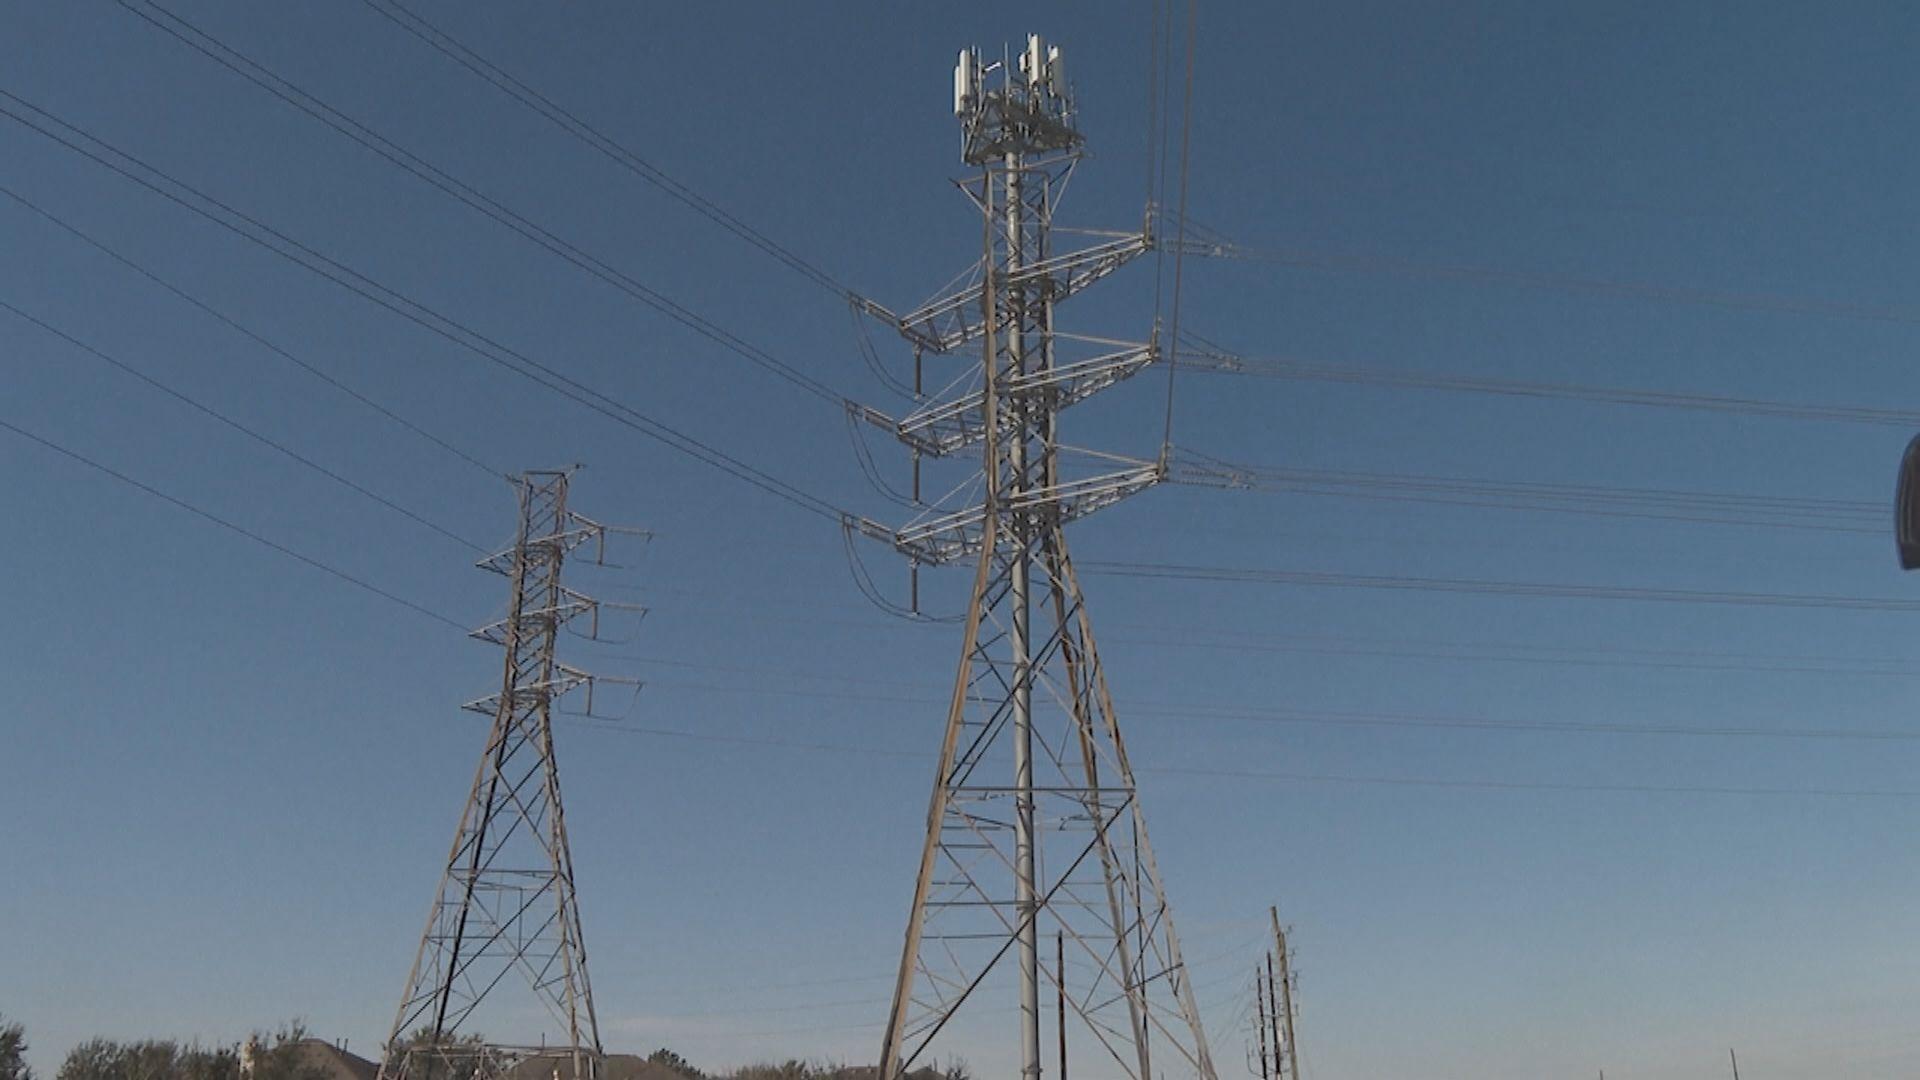 嚴寒持續下美國得州仍有逾300萬戶停電